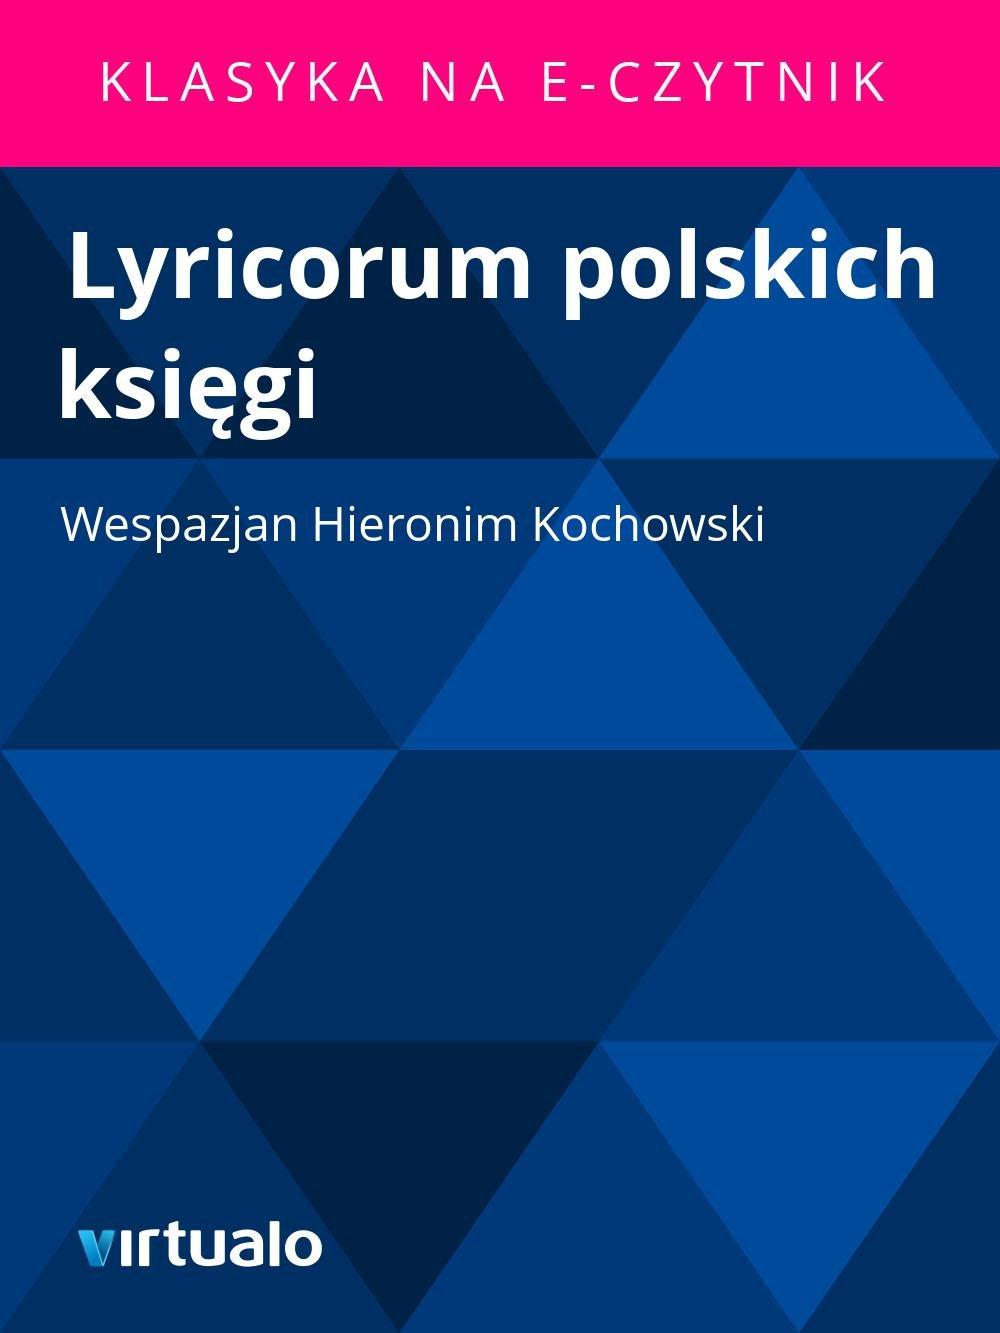 Lyricorum polskich księgi - Ebook (Książka EPUB) do pobrania w formacie EPUB